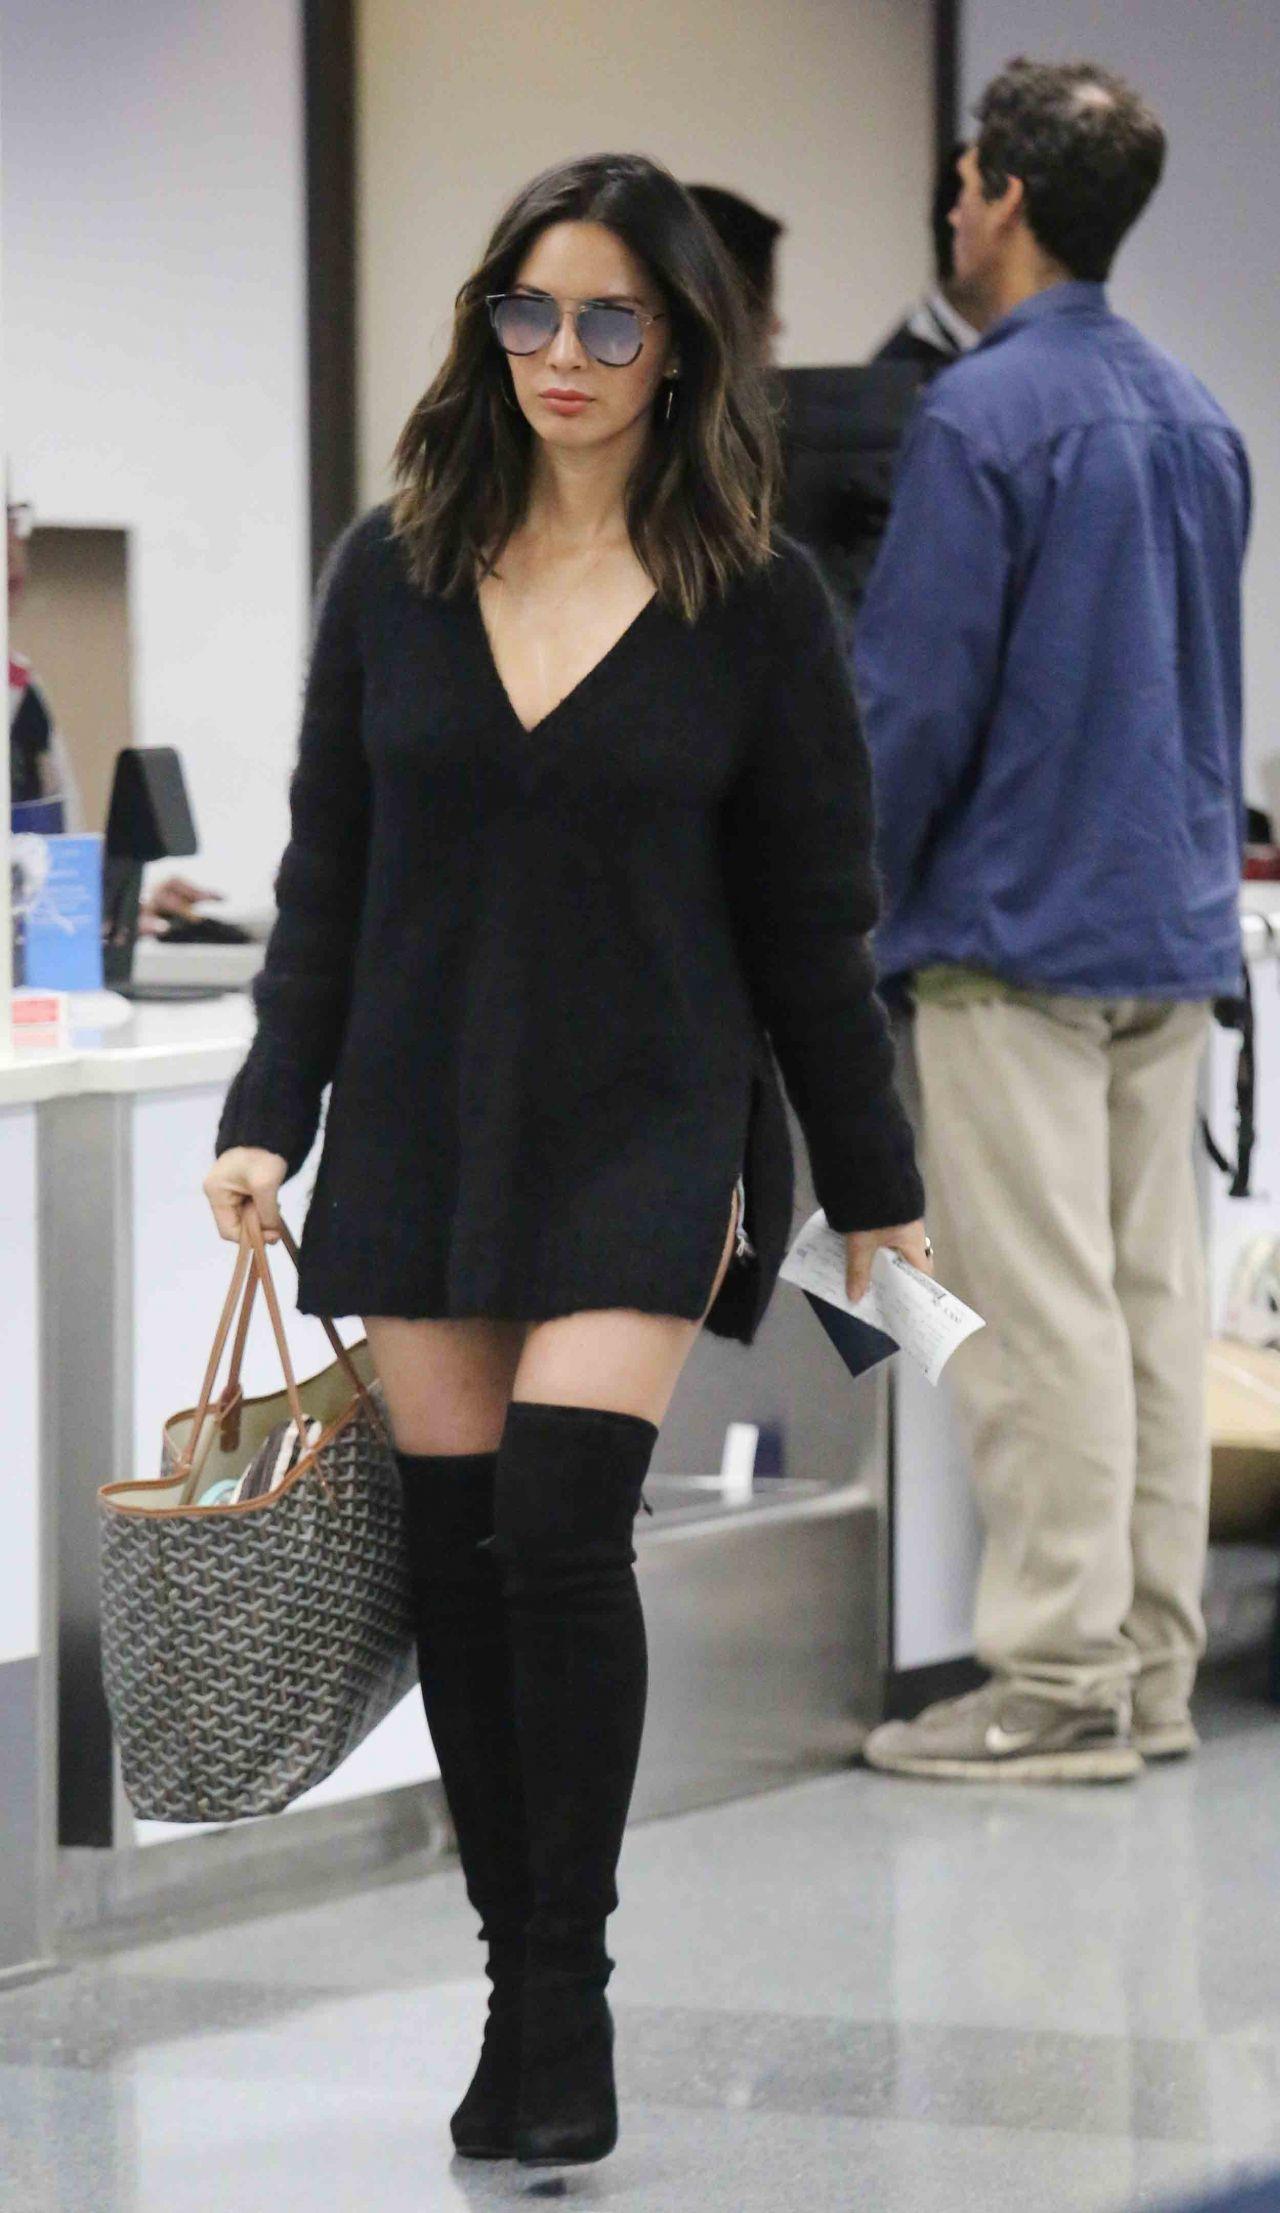 Olivia Munn At LAX Airport In LA 10102017